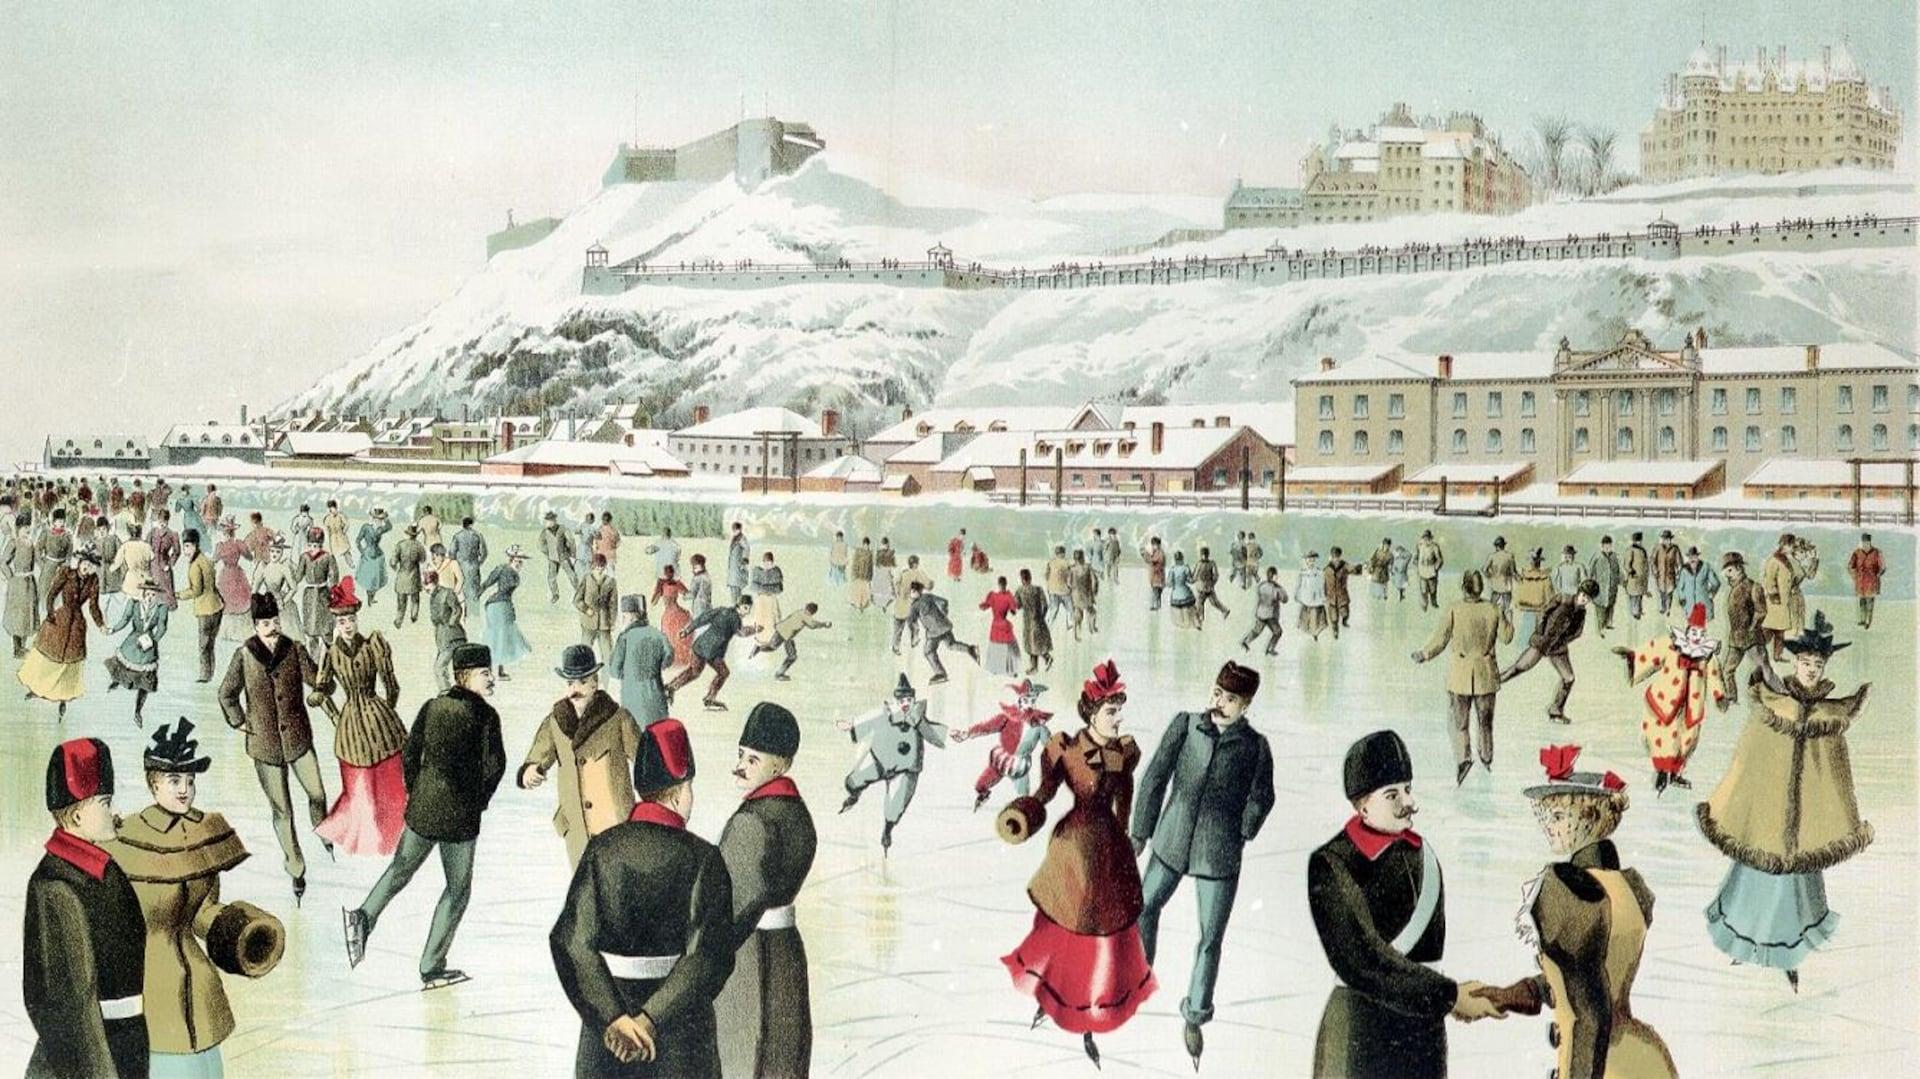 Des patineurs sur le fleuve, dont plusieurs très chics en habit de ville, parmi lesquels on voit plusieurs patineurs en costume de carnaval.